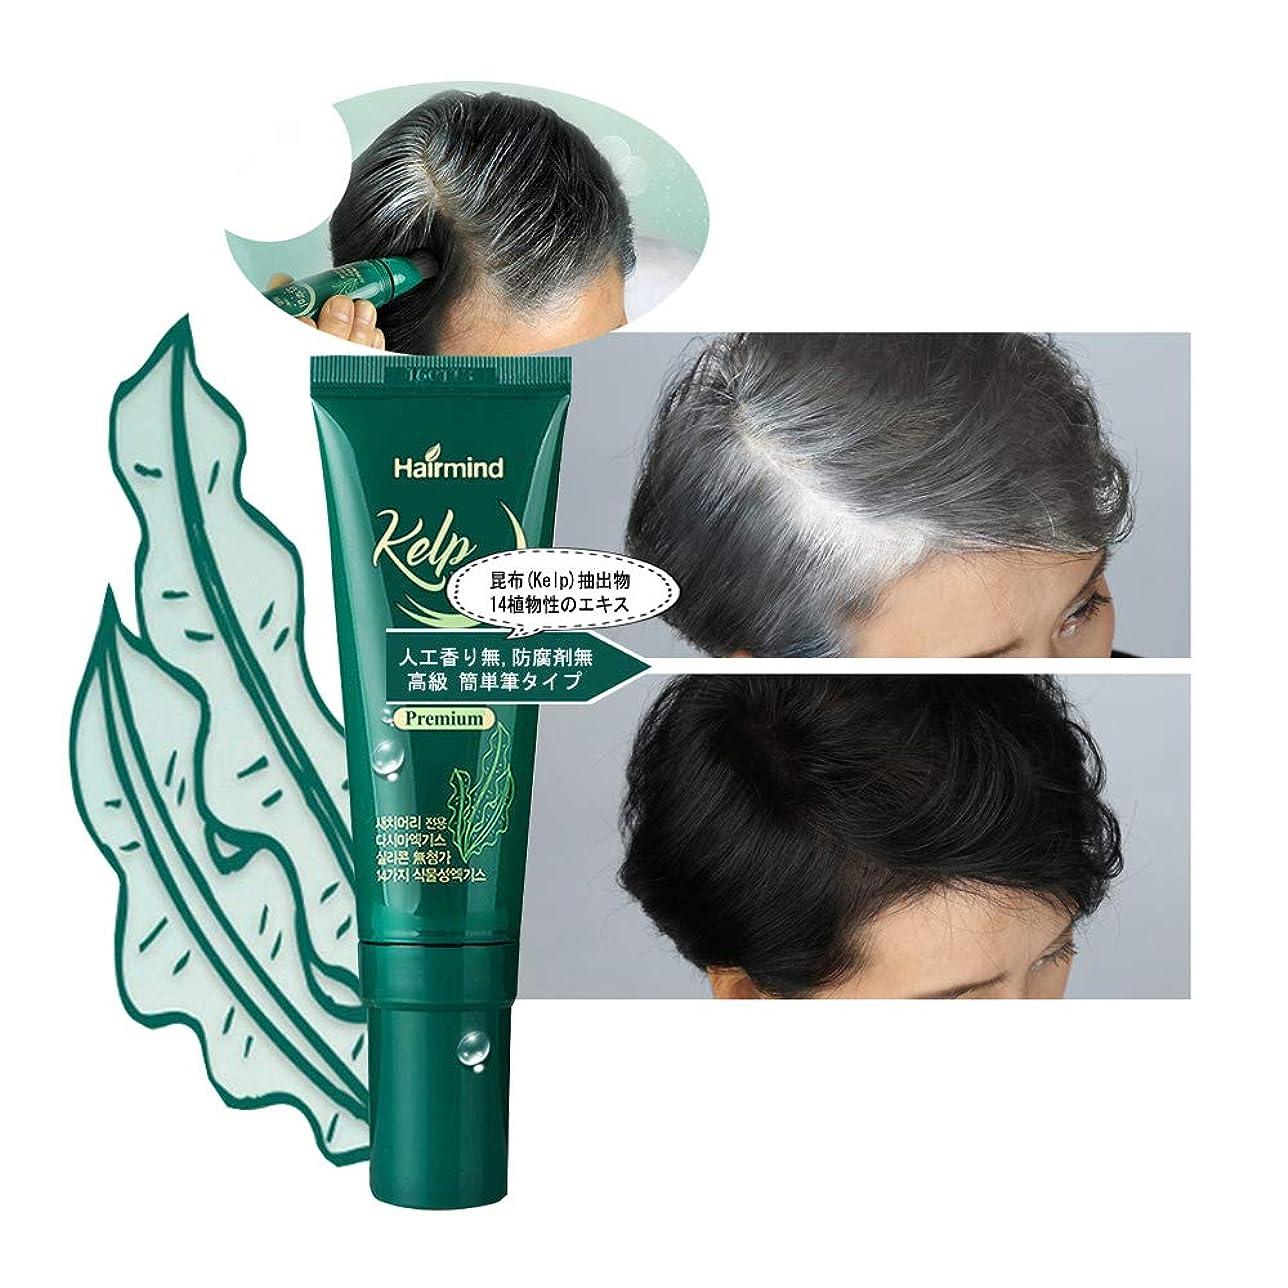 定義エクステントレビュアー高級 部分毛染 グレーヘアカバー 頭皮健康昆布抽出物 毛染め 40ml 筆タイプ 並行輸入 (Dark Brown)